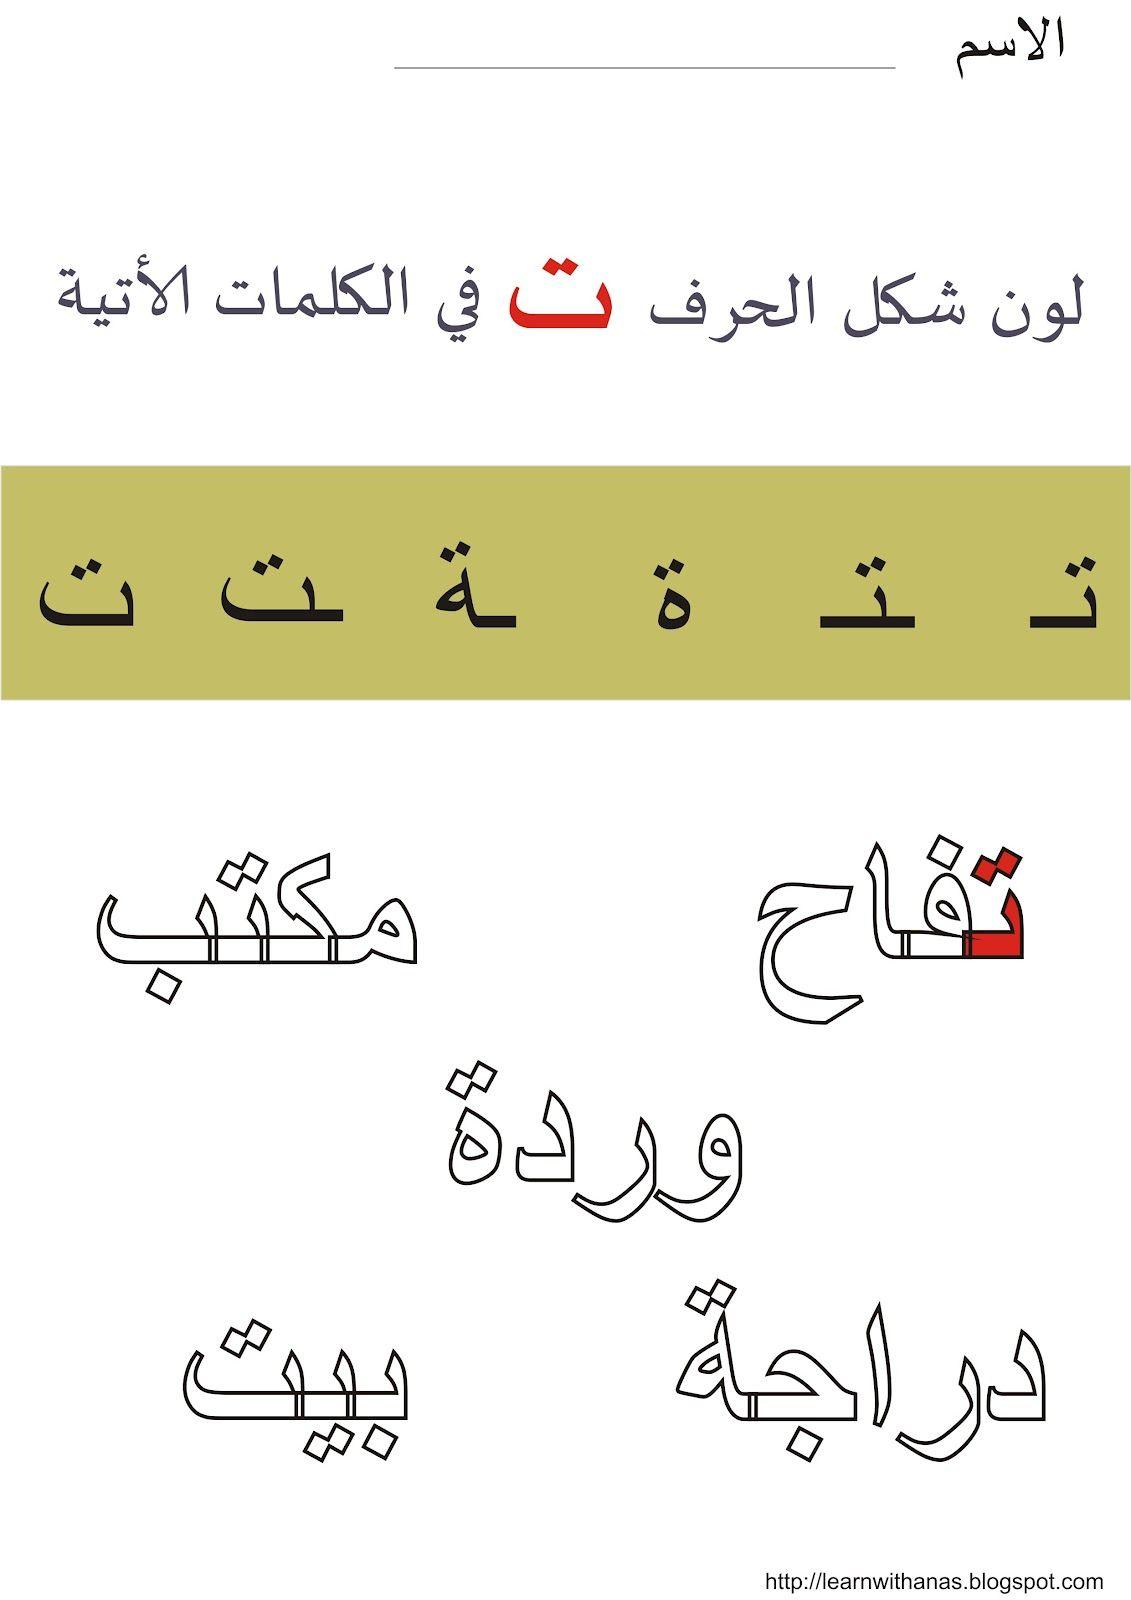 تعلم مع أنس | الحروف العربية worksheets | Cours arabe ...